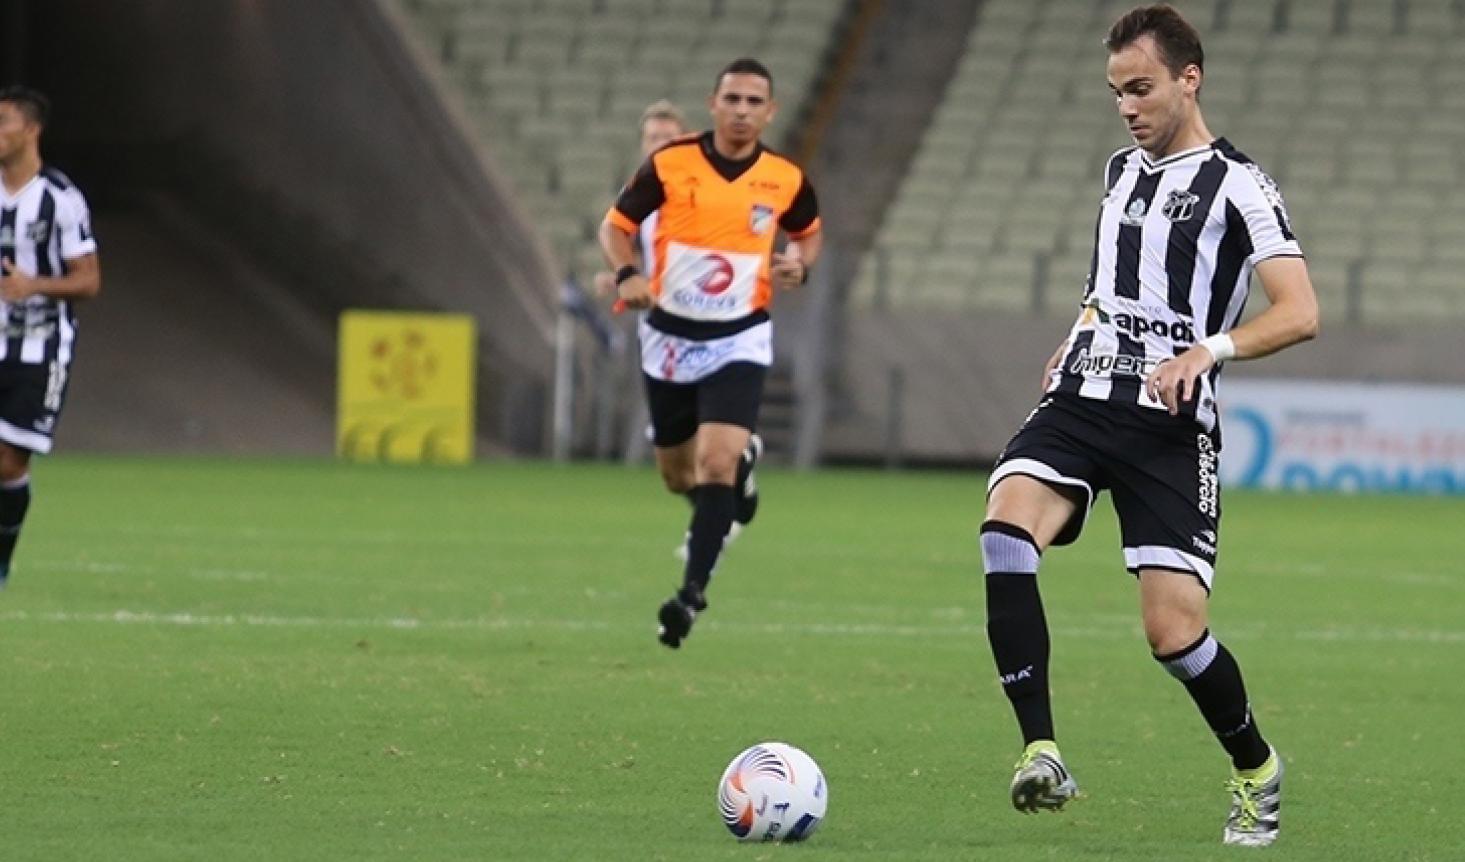 Formado nas categorias de base do Grêmio, o meia Felipe Tontini pode atuar contra o ex-clube.